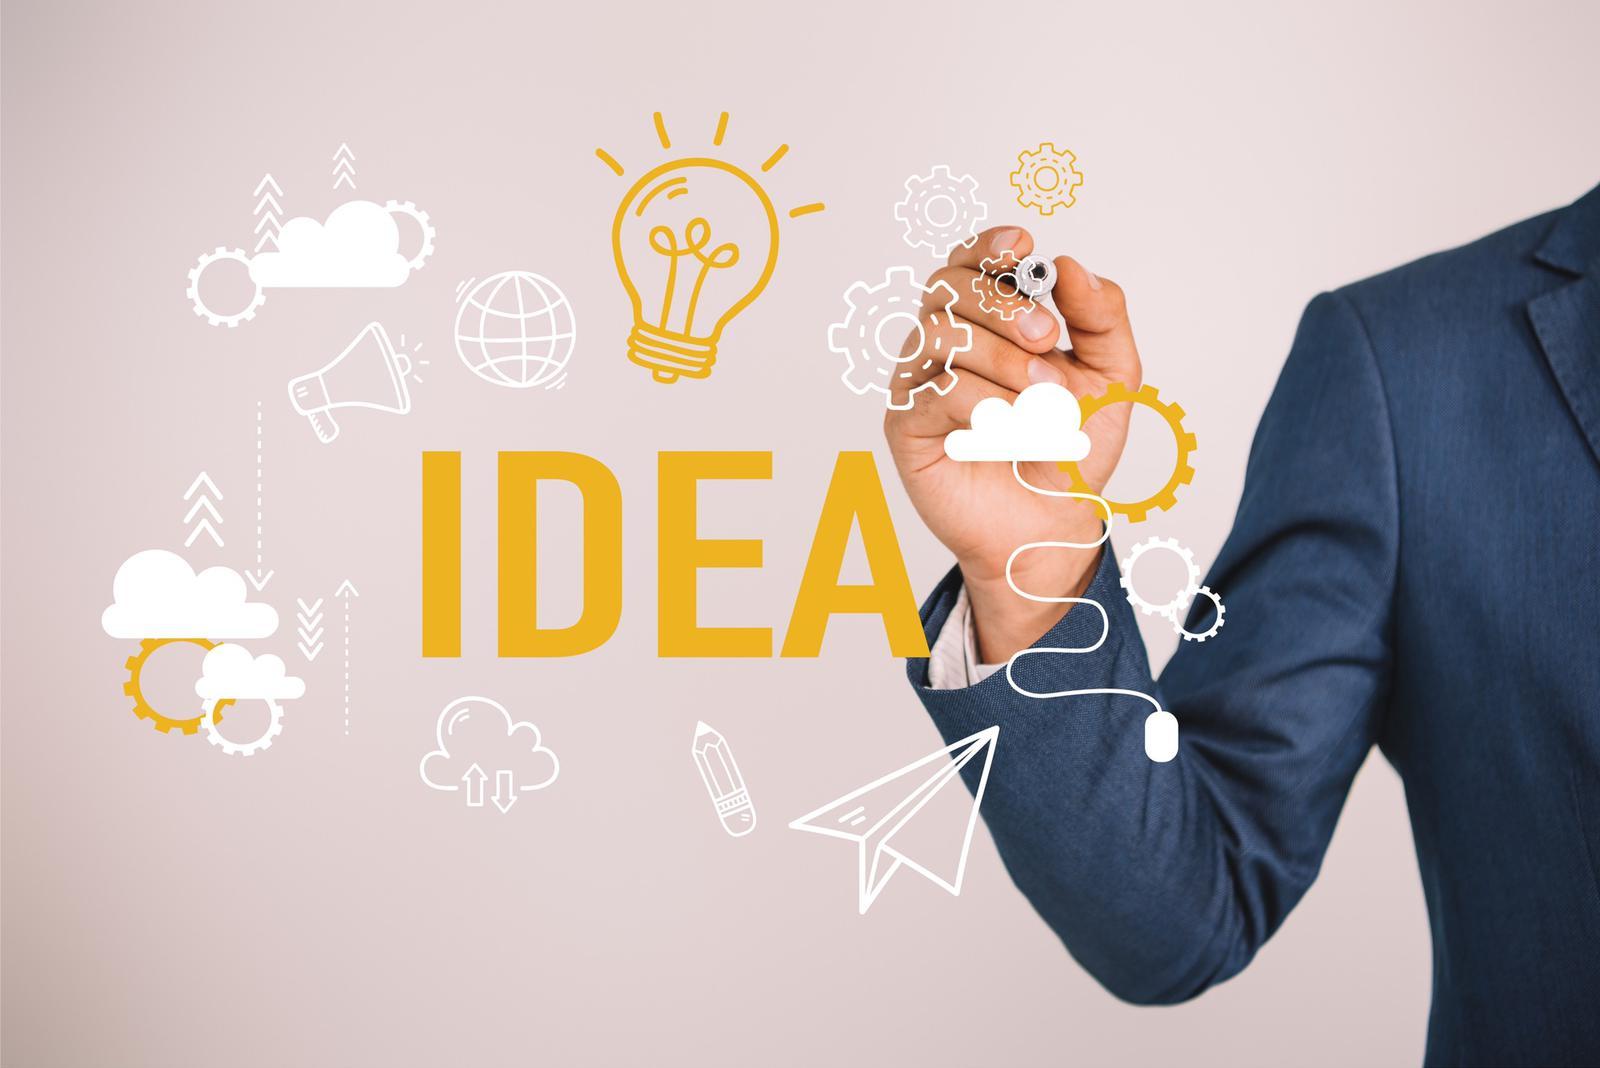 Бизнес идеи онлайн с минимальными вложениями